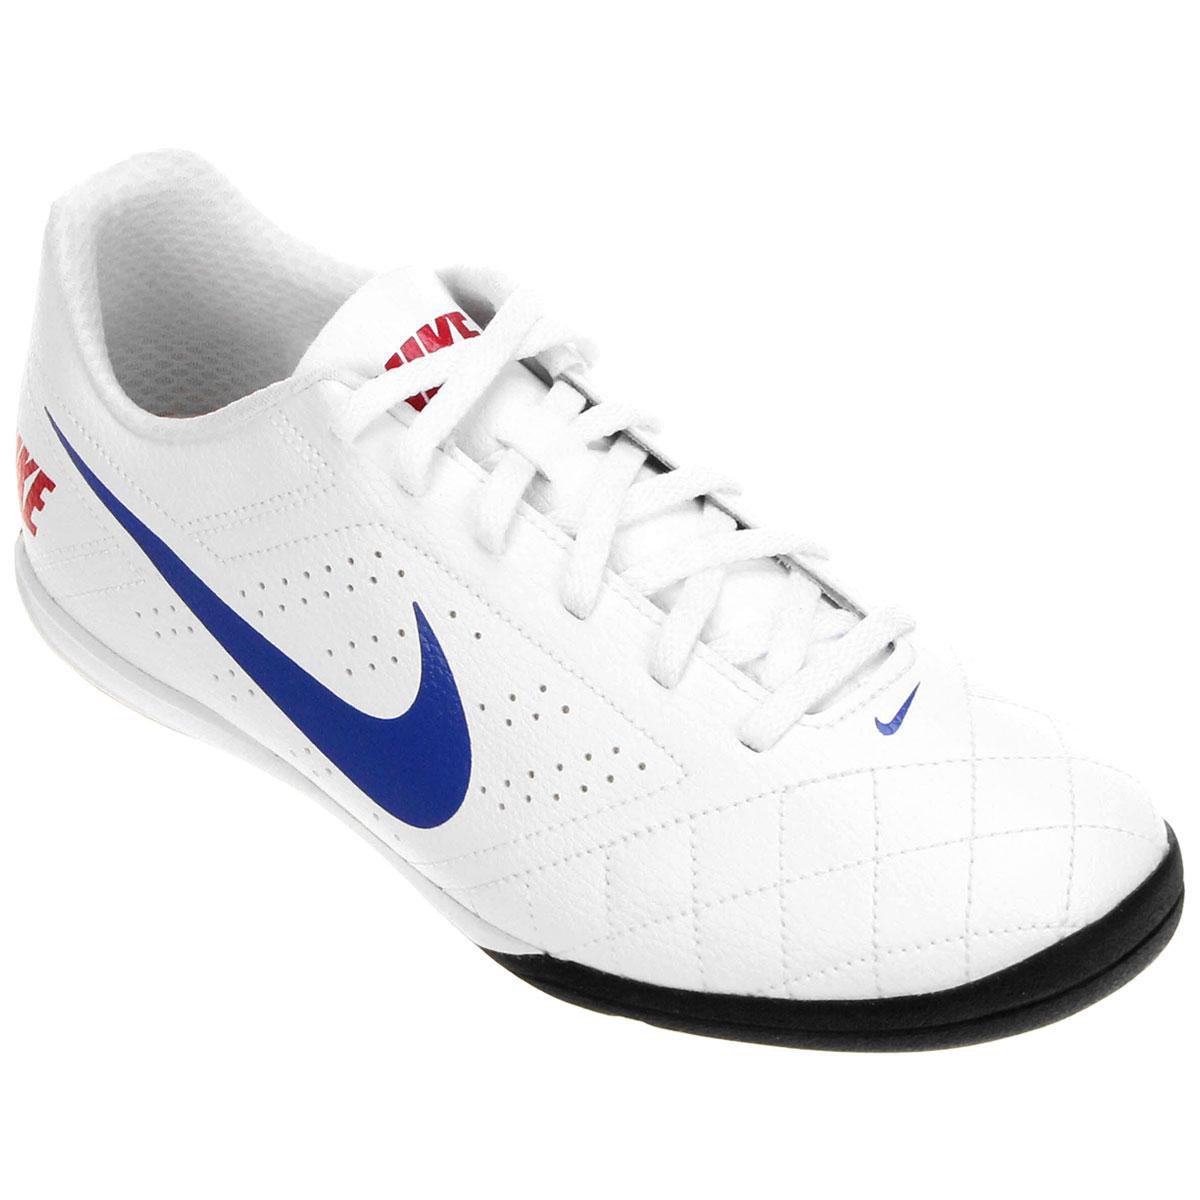 5c97f6fa80 Chuteira Futsal Nike Beco 2 Futsal - Branco e Azul - Compre Agora ...